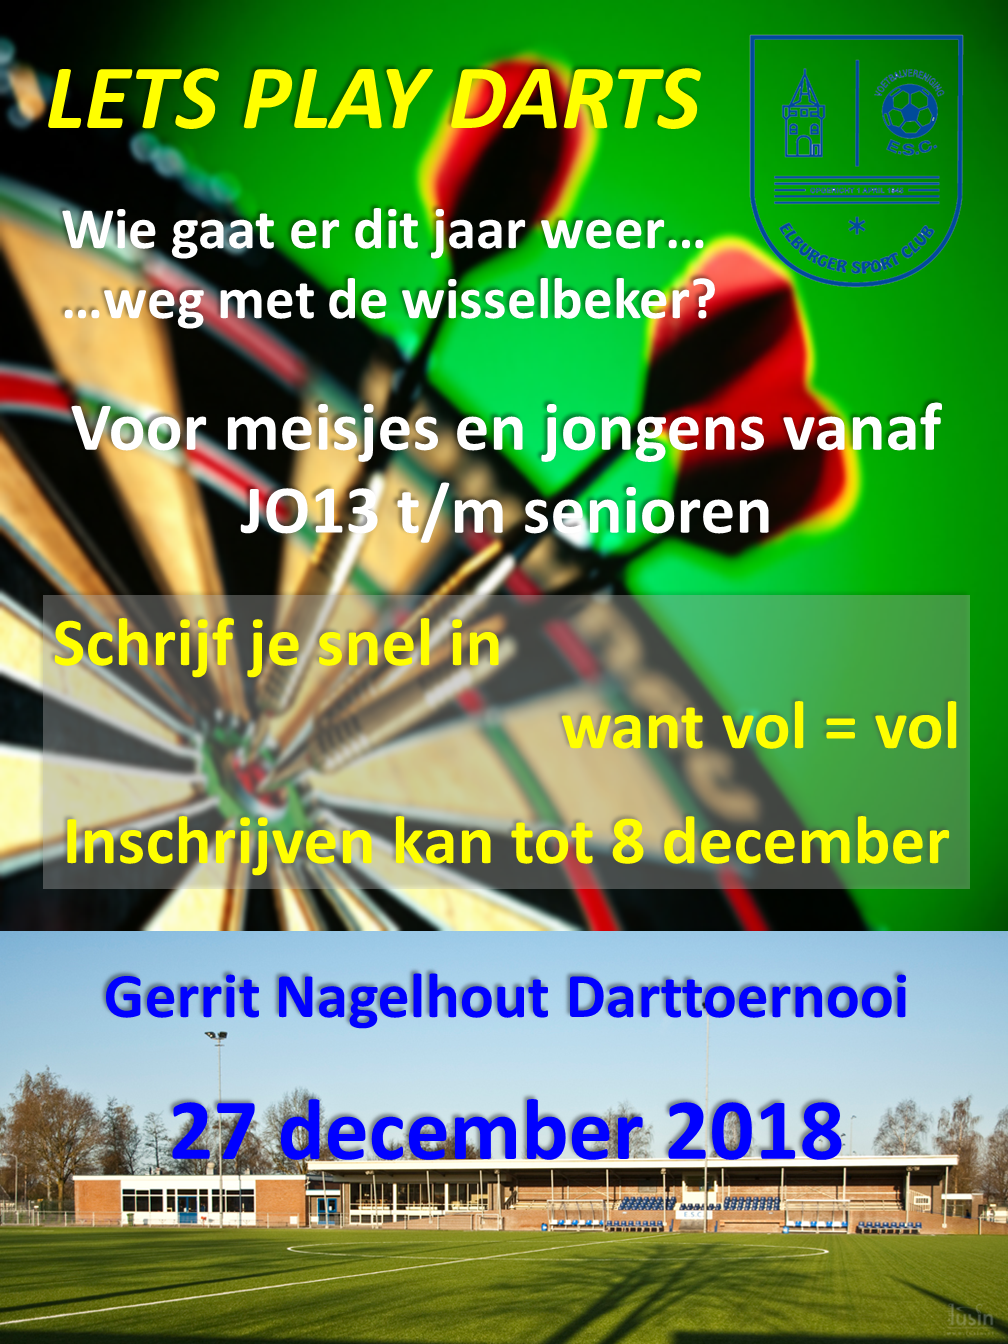 Gerrit Nagelhout Darttoernooi – 27 december - Elburger SC